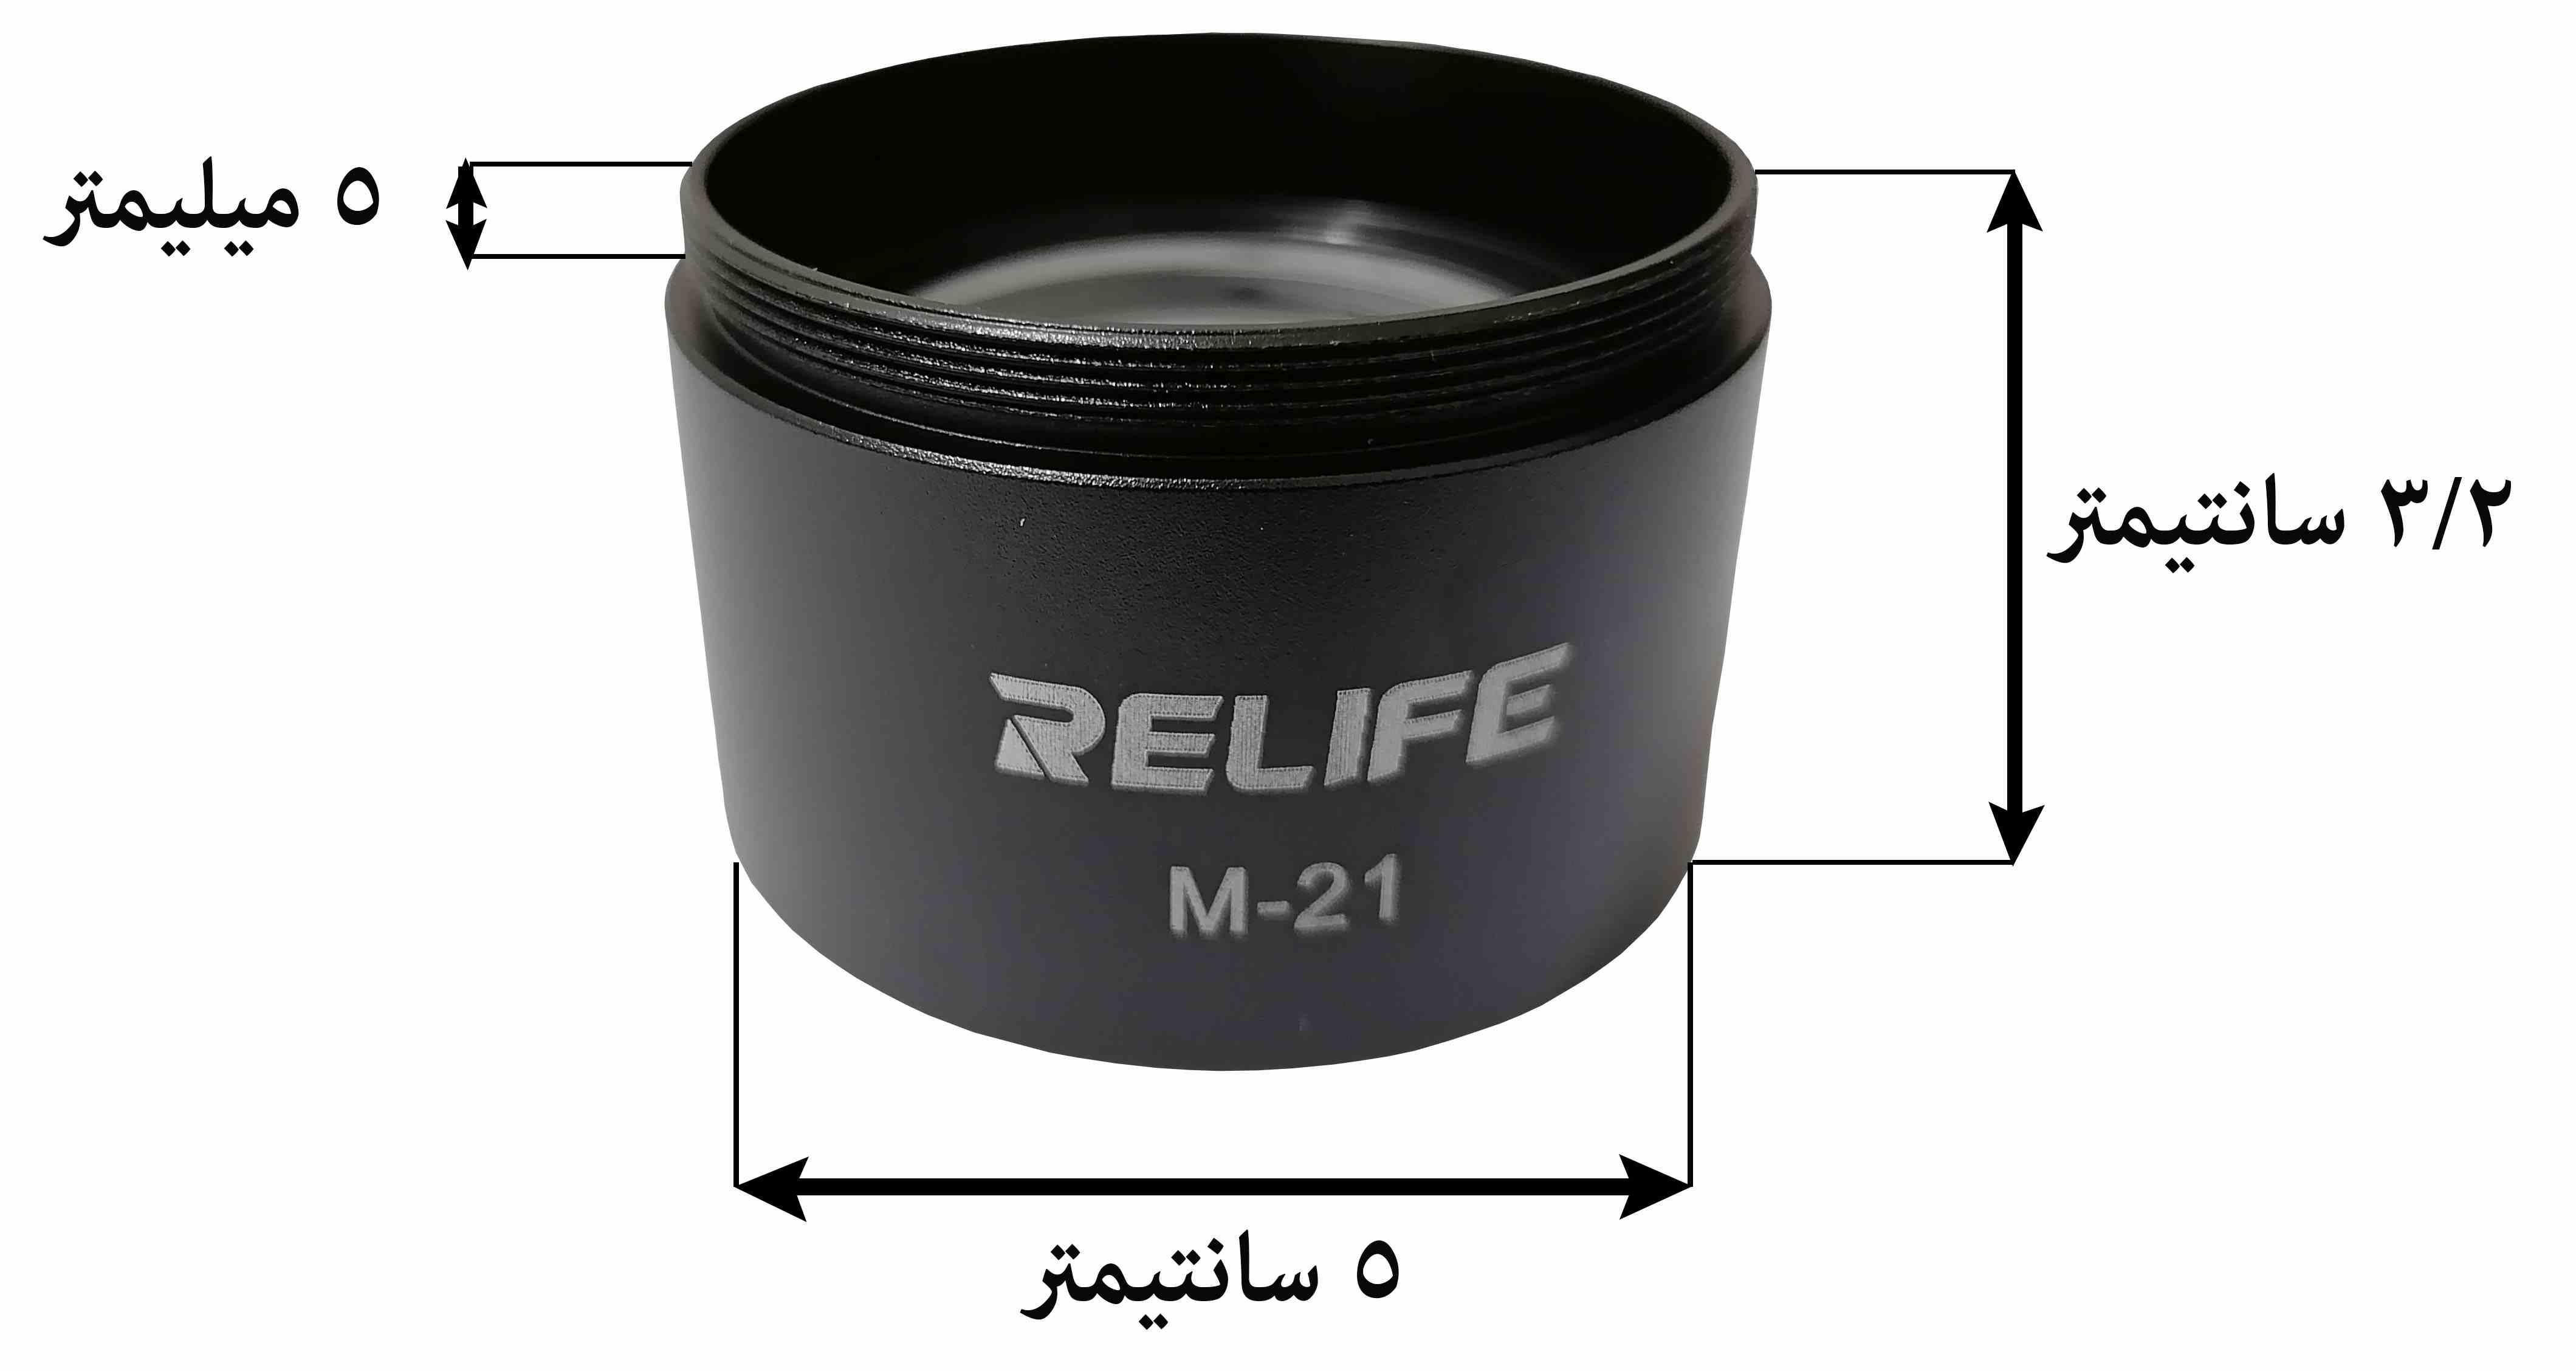 لنز واید 0.5X لوپ ریلایف Relife M-21